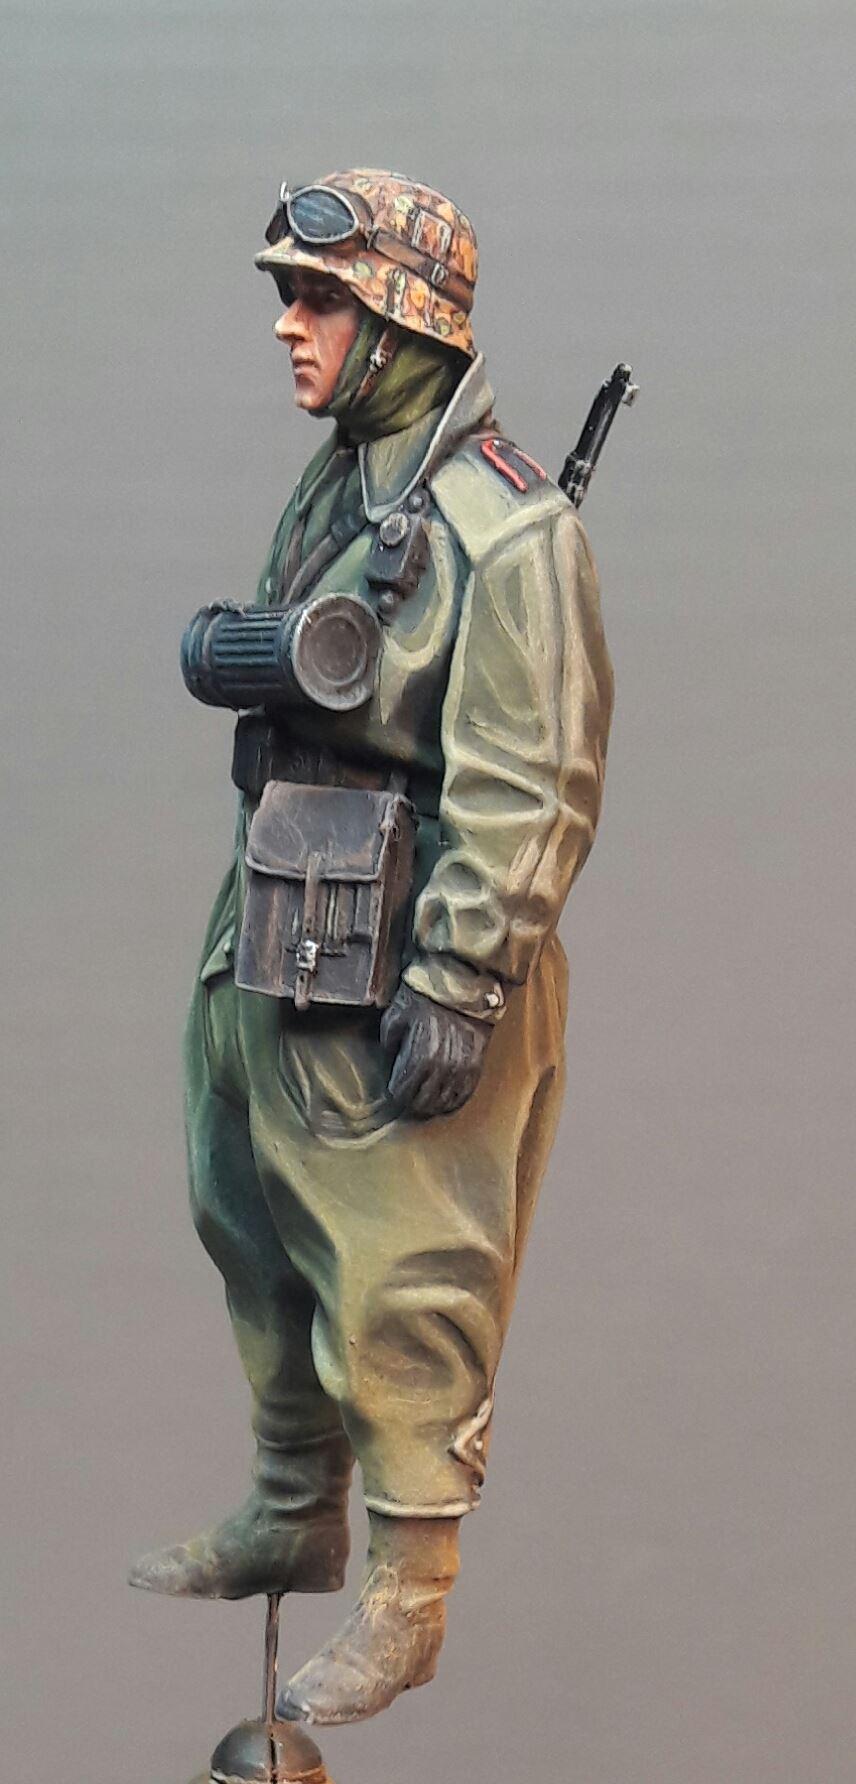 Zündapp KS750 - Sidecar - Great Wall Hobby + figurines Alpine - 1/35 - Page 3 7723171983005110211728378419494751973613o